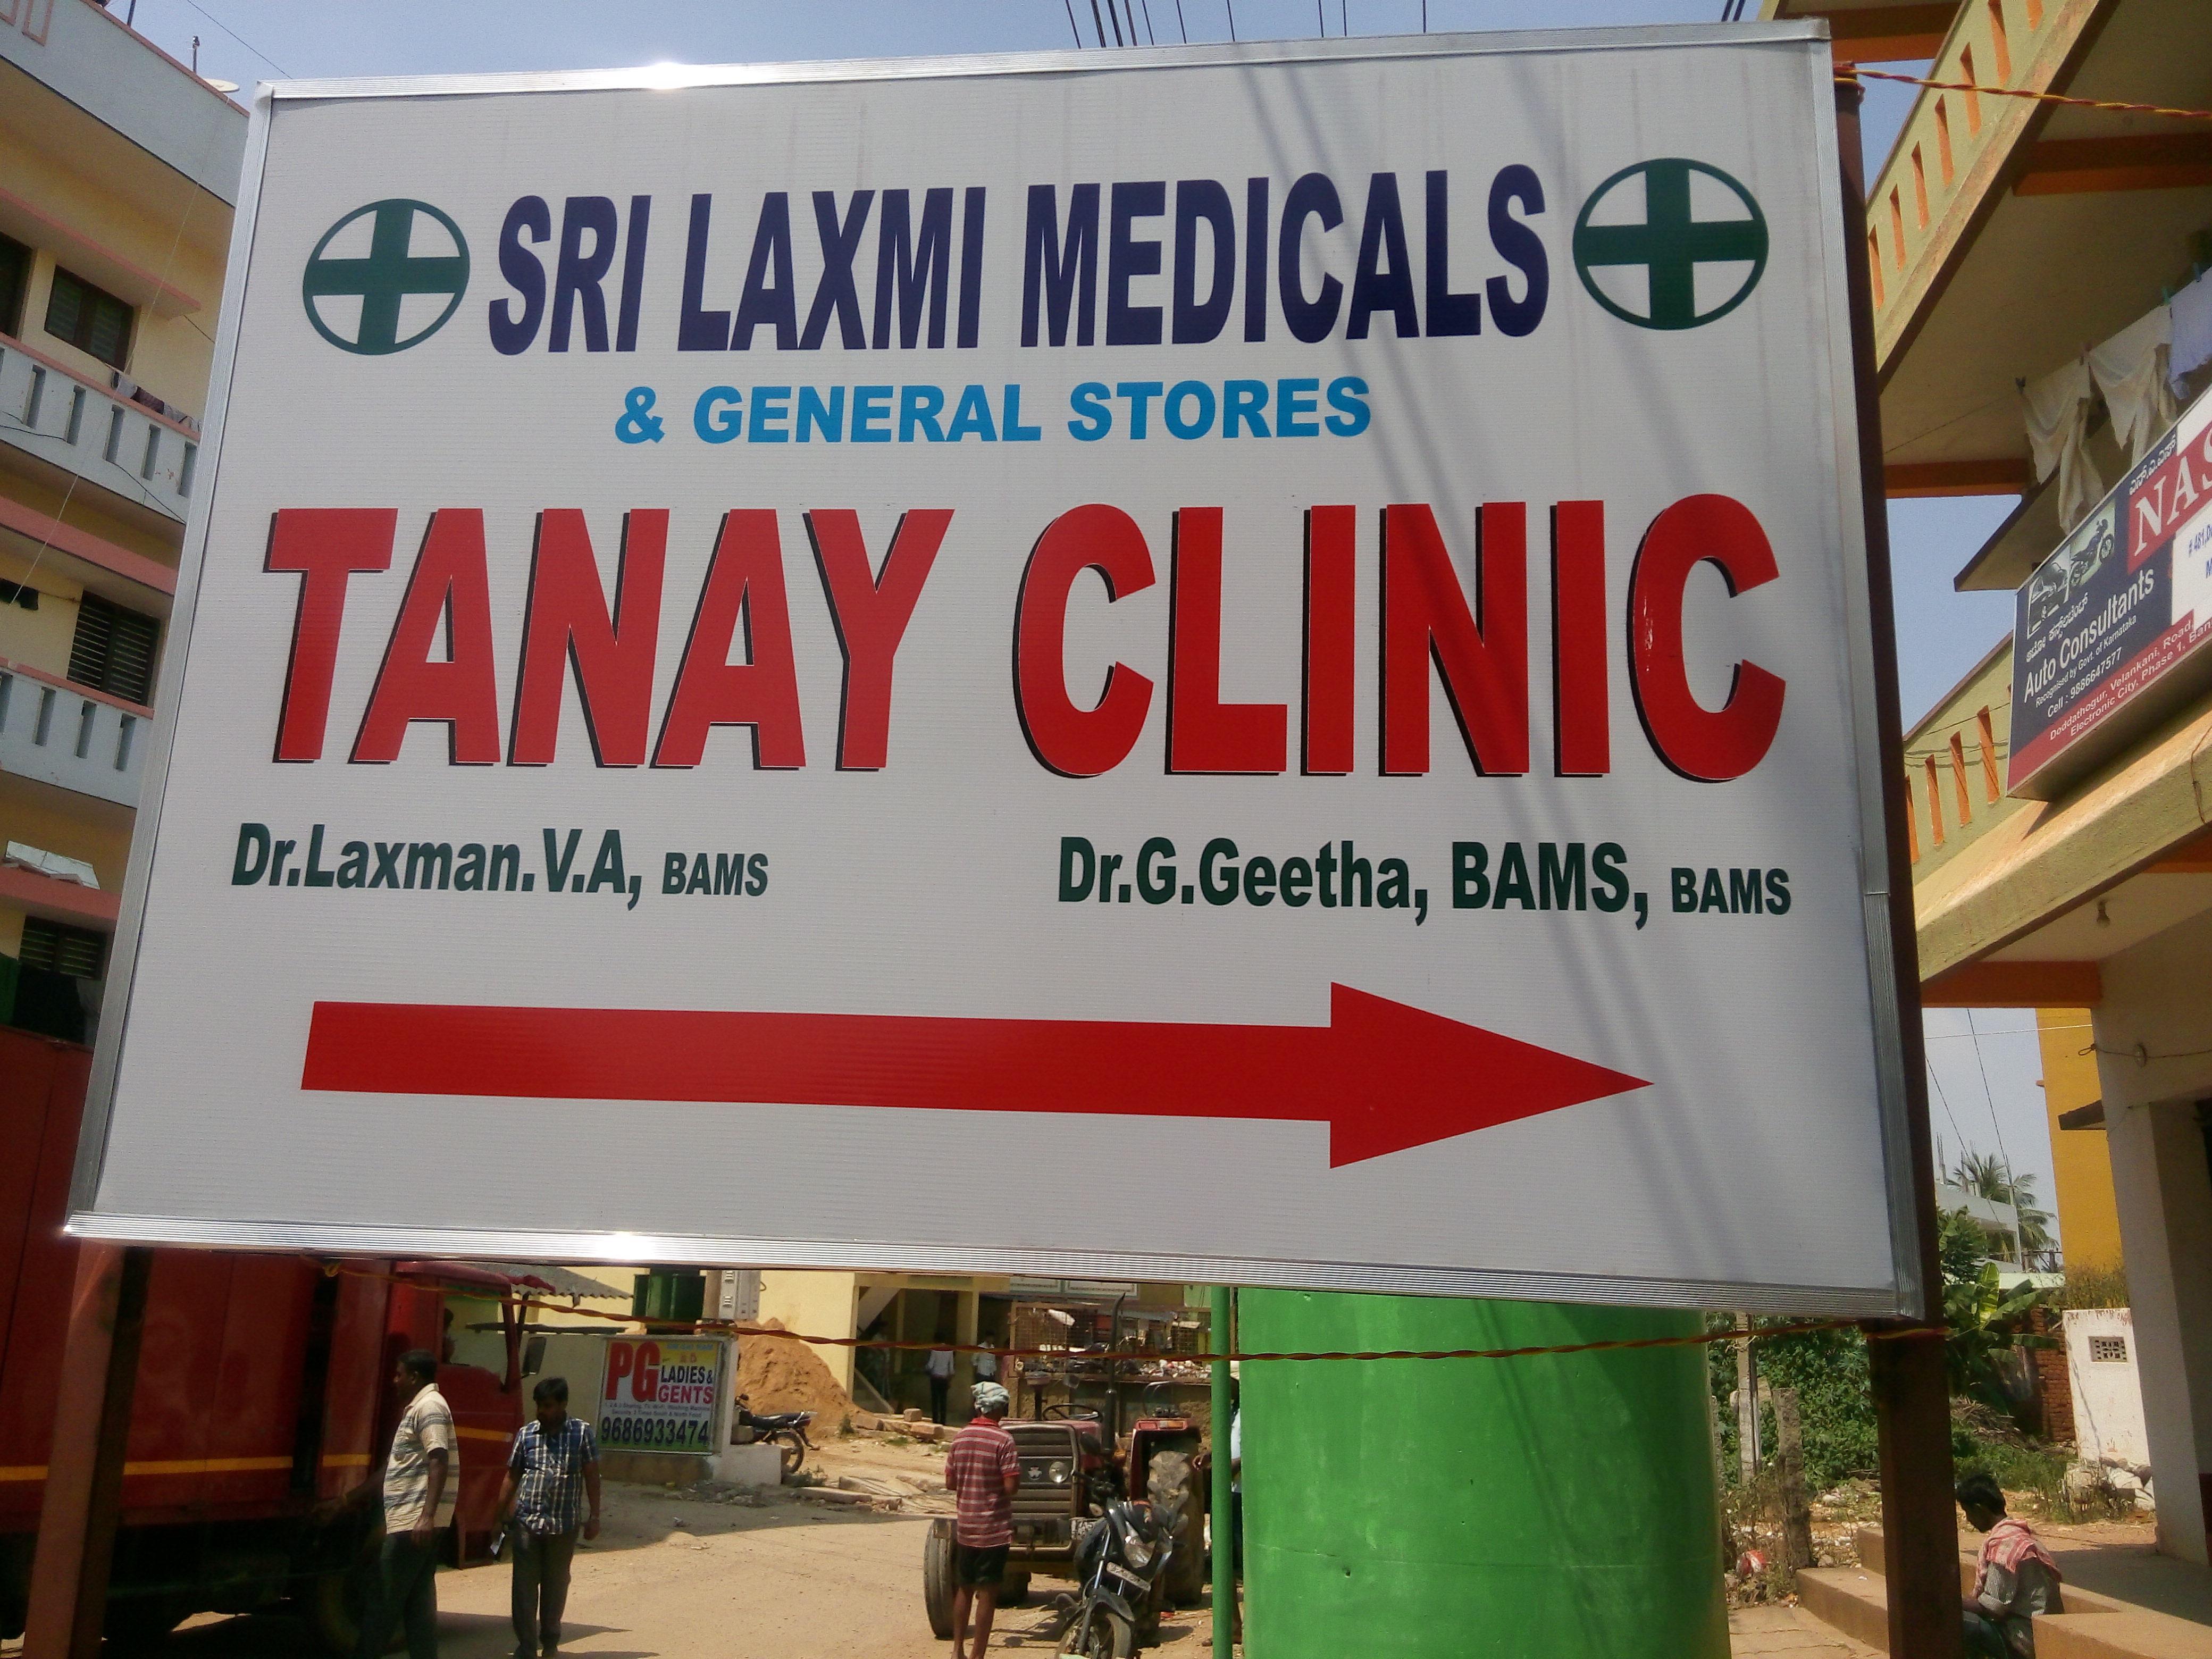 Tanay Clinic